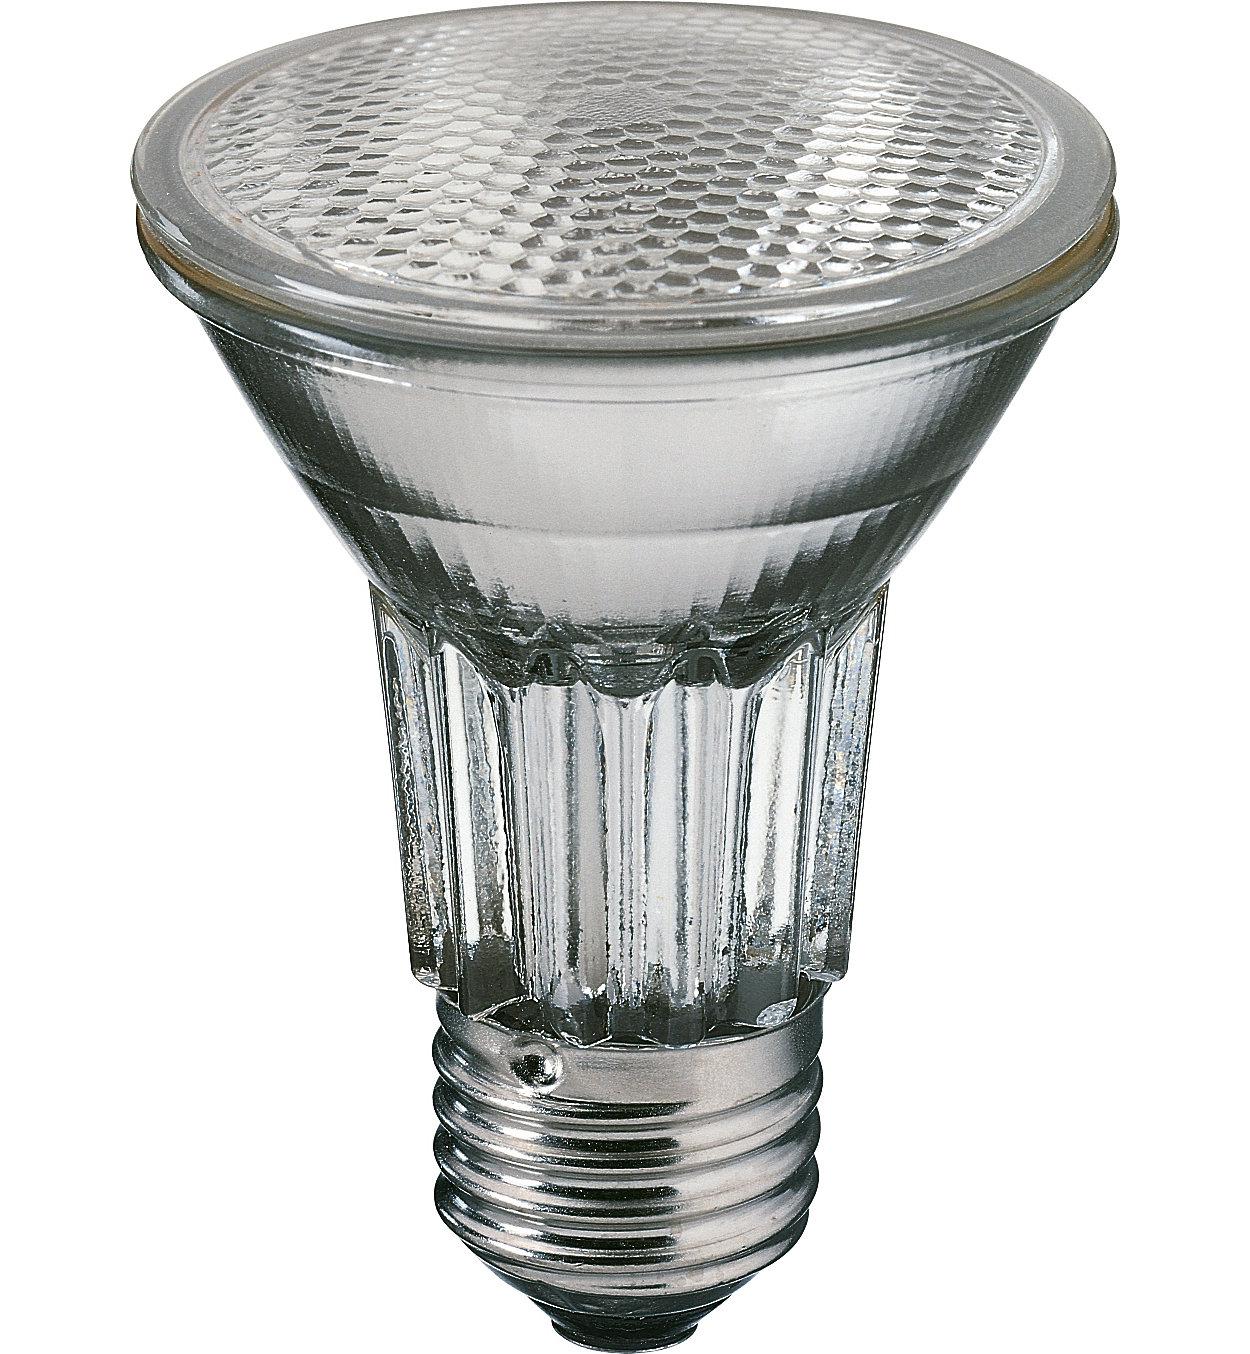 Spot de luz blanca nítida; alternativa moderna para las lámparas reflectoras convencionales